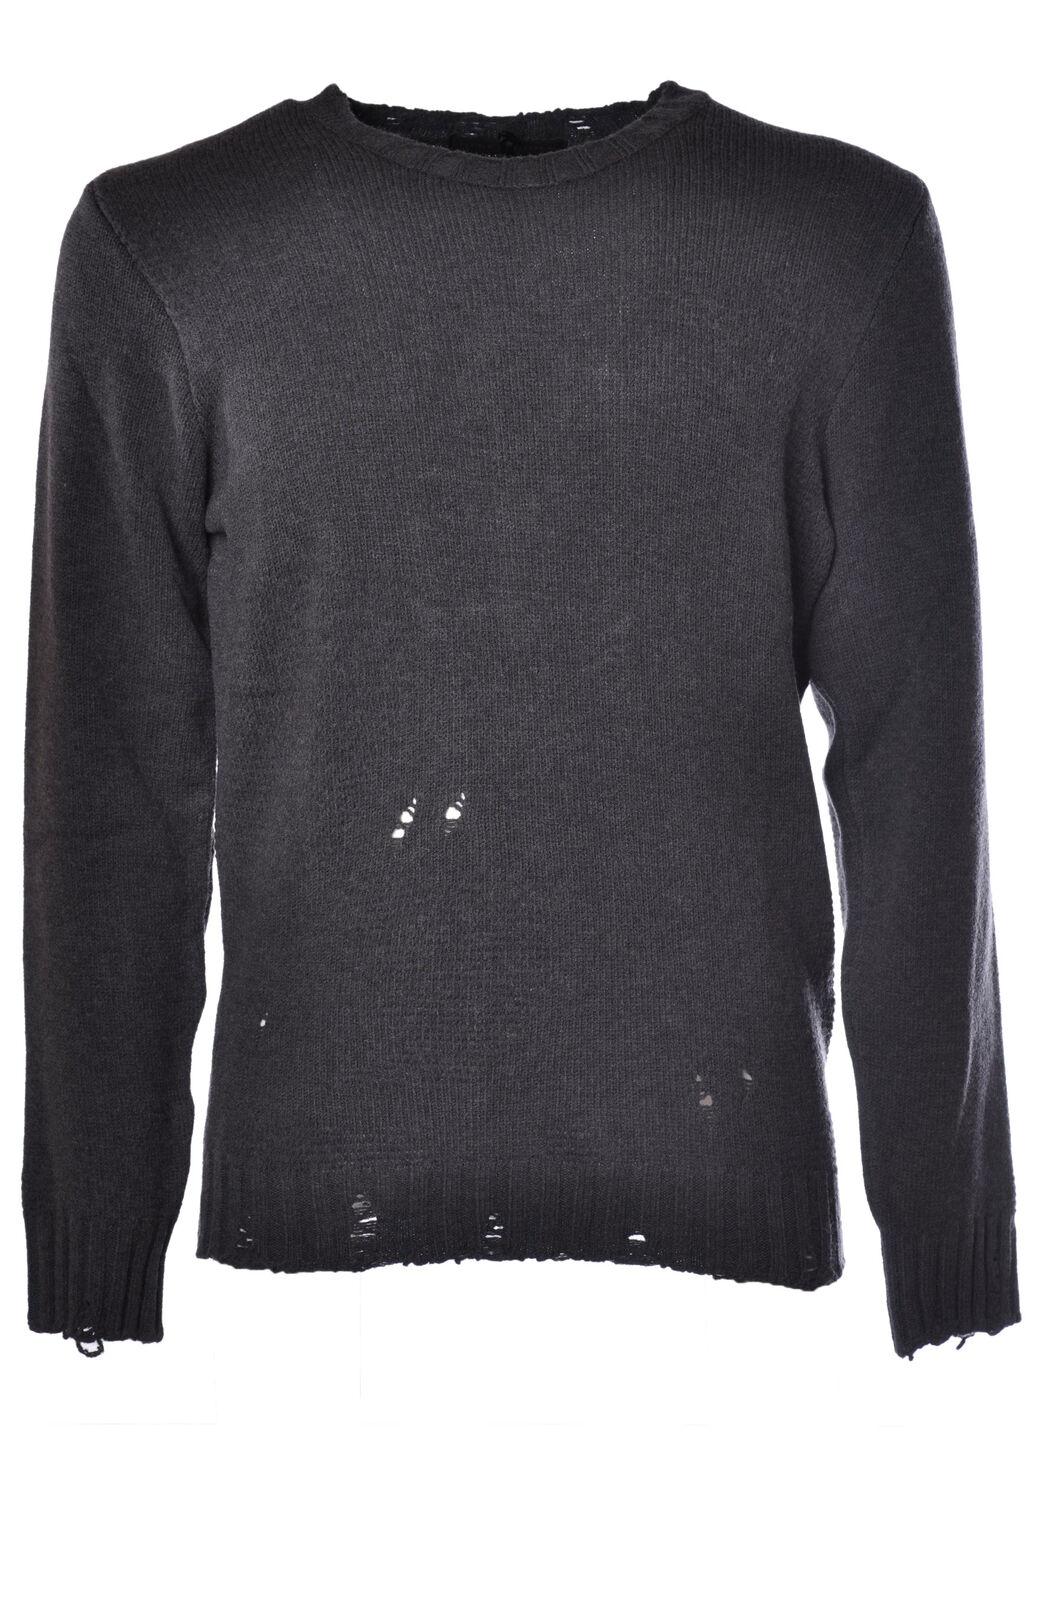 Daniele Alessandrini - Knitwear-Sweaters - Man - grau - 1012818C184640